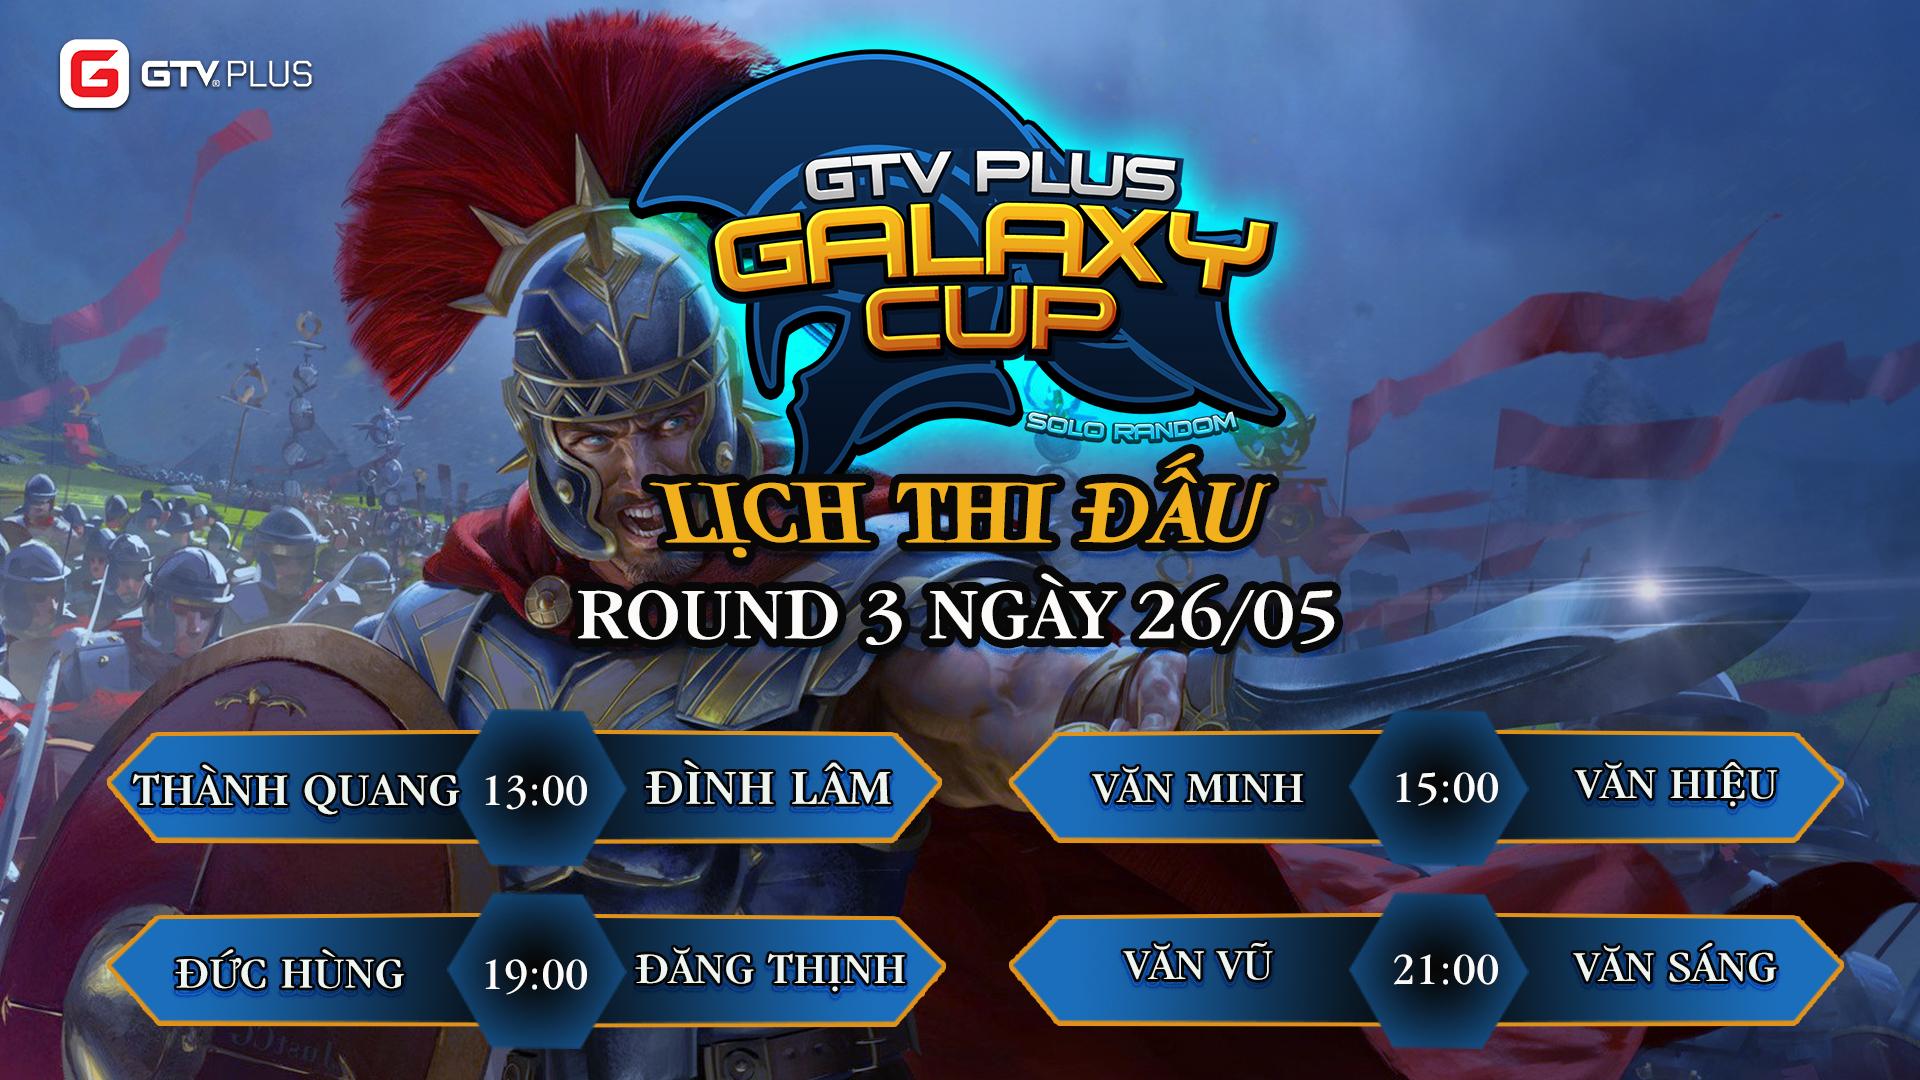 Lịch thi đấu ngày thi đấu ngày 26 tháng 5 Giải đấu AOE GTV PLUS GALAXY CUP 2021